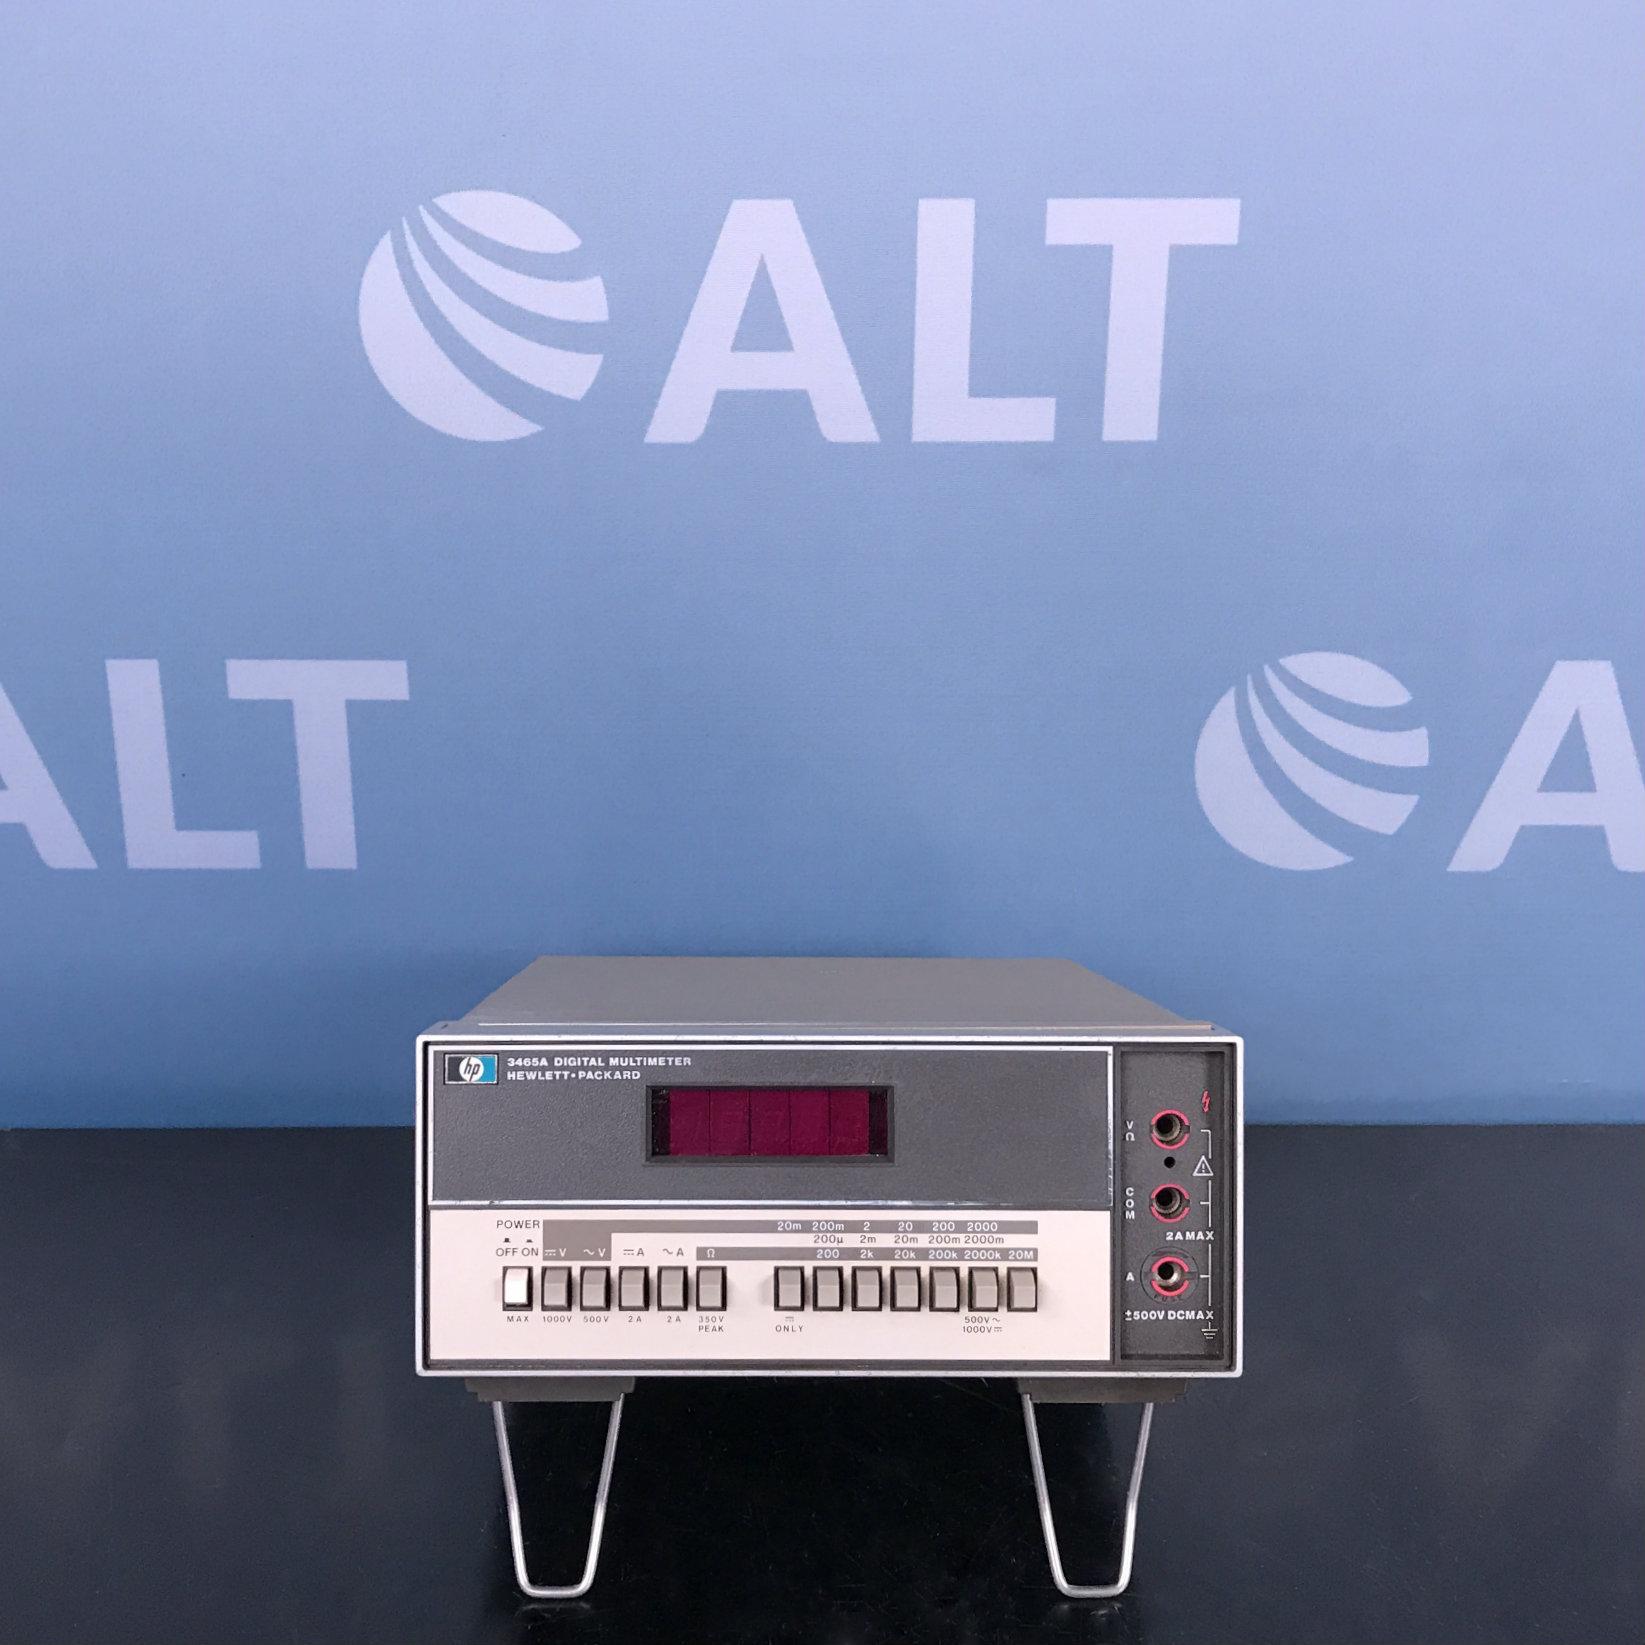 Hewlett Packard 3465A Digital Multimeter Image